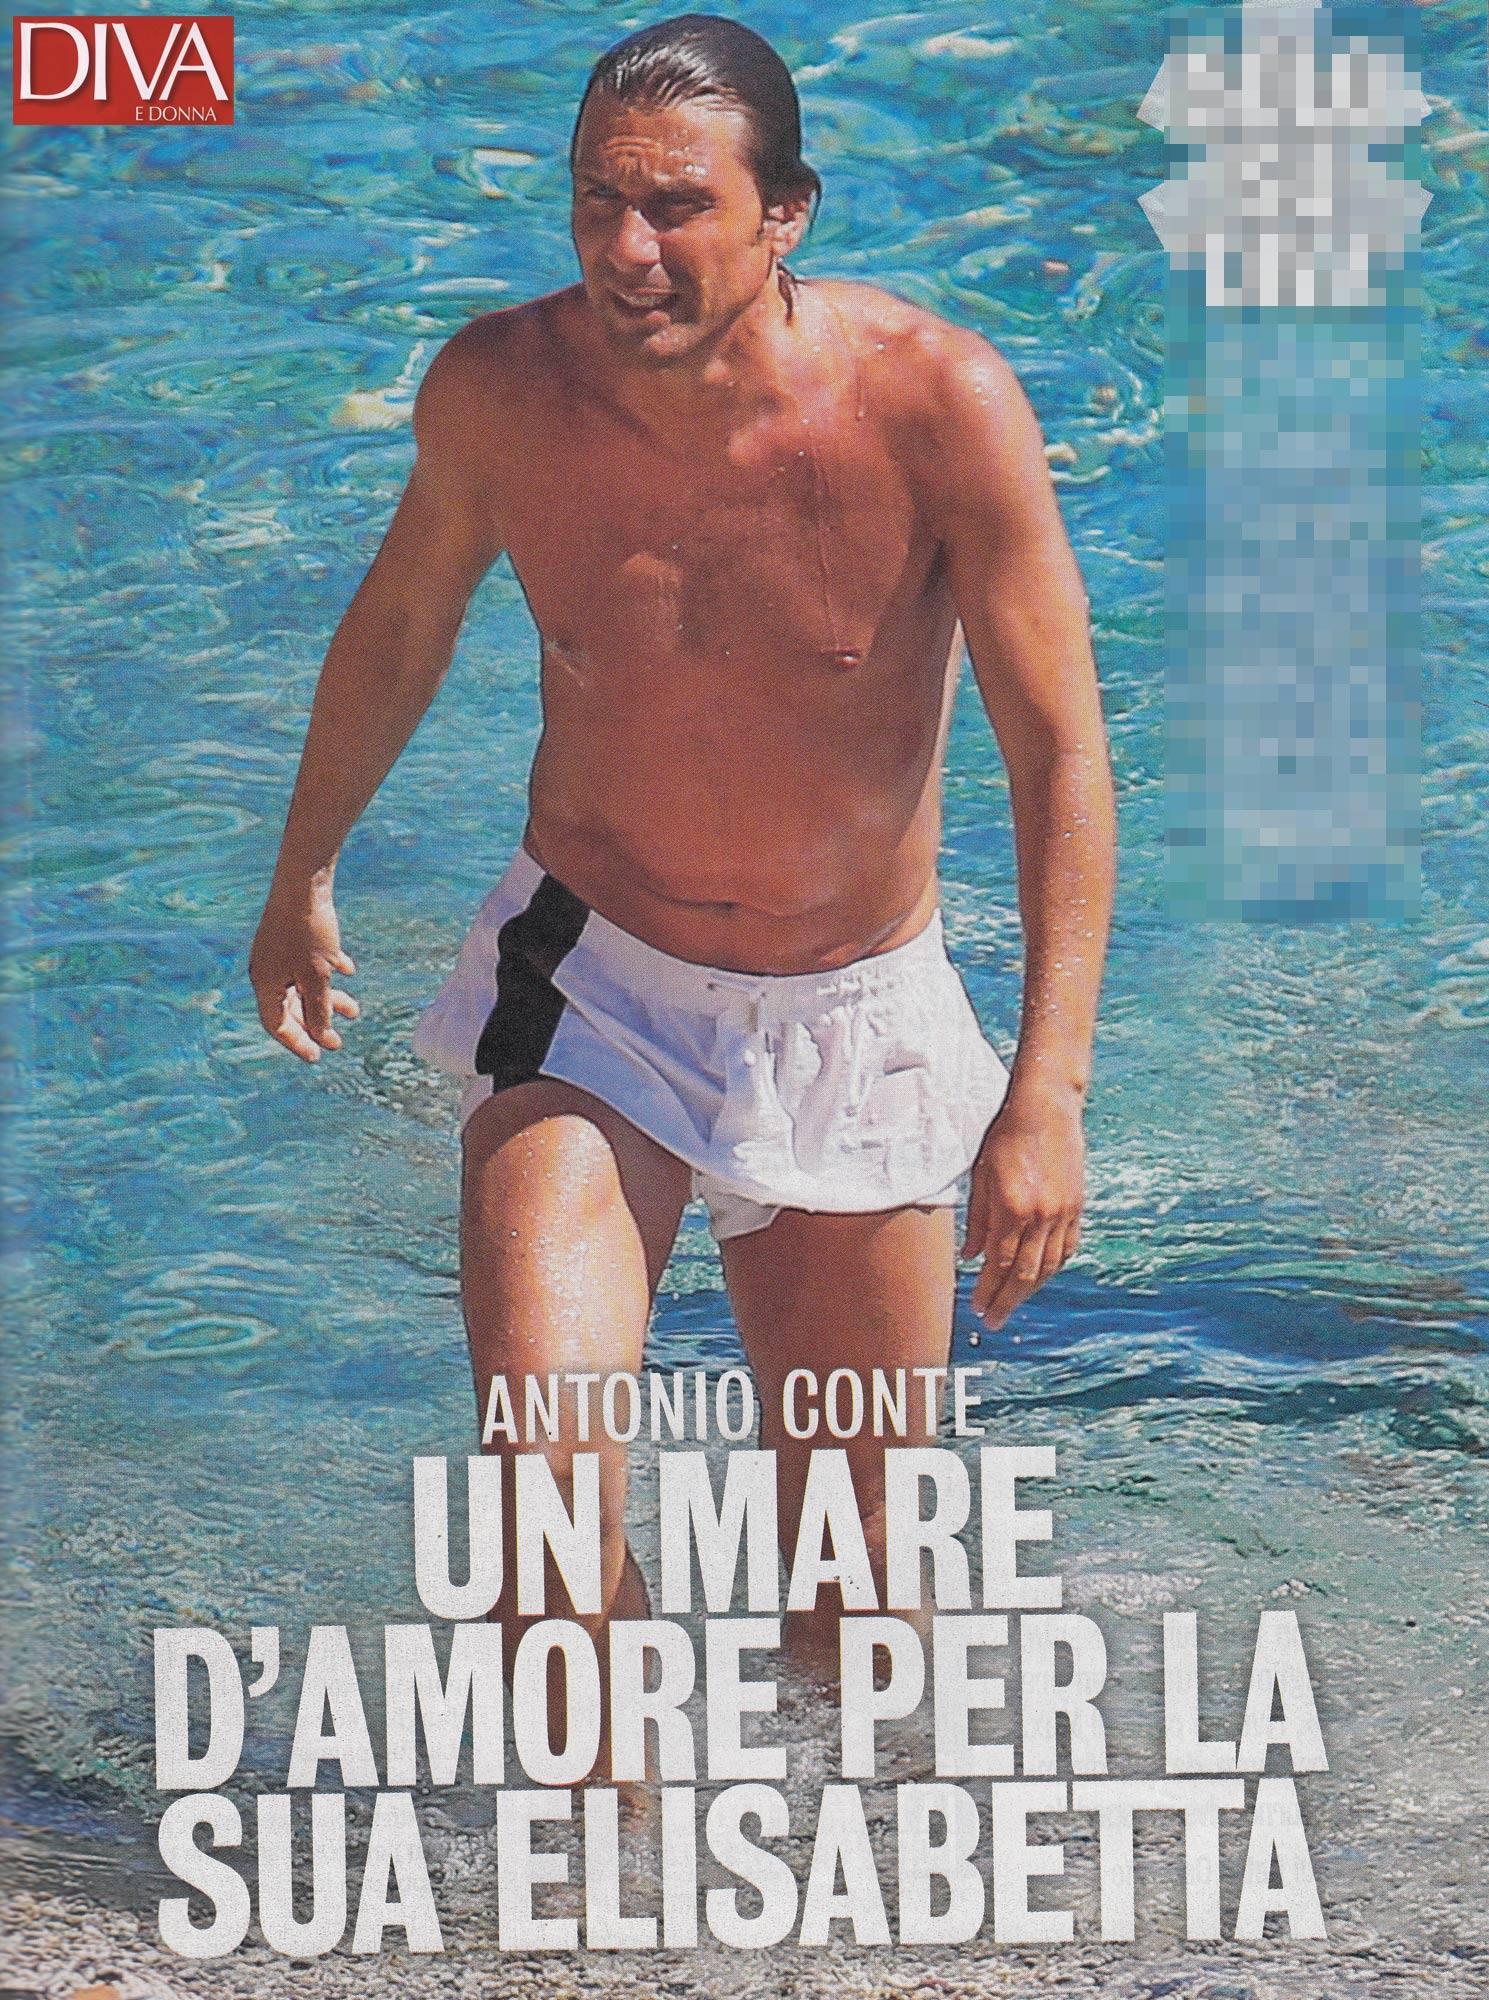 Antonio Conte, muscoli e addominali scolpiti tra le onde